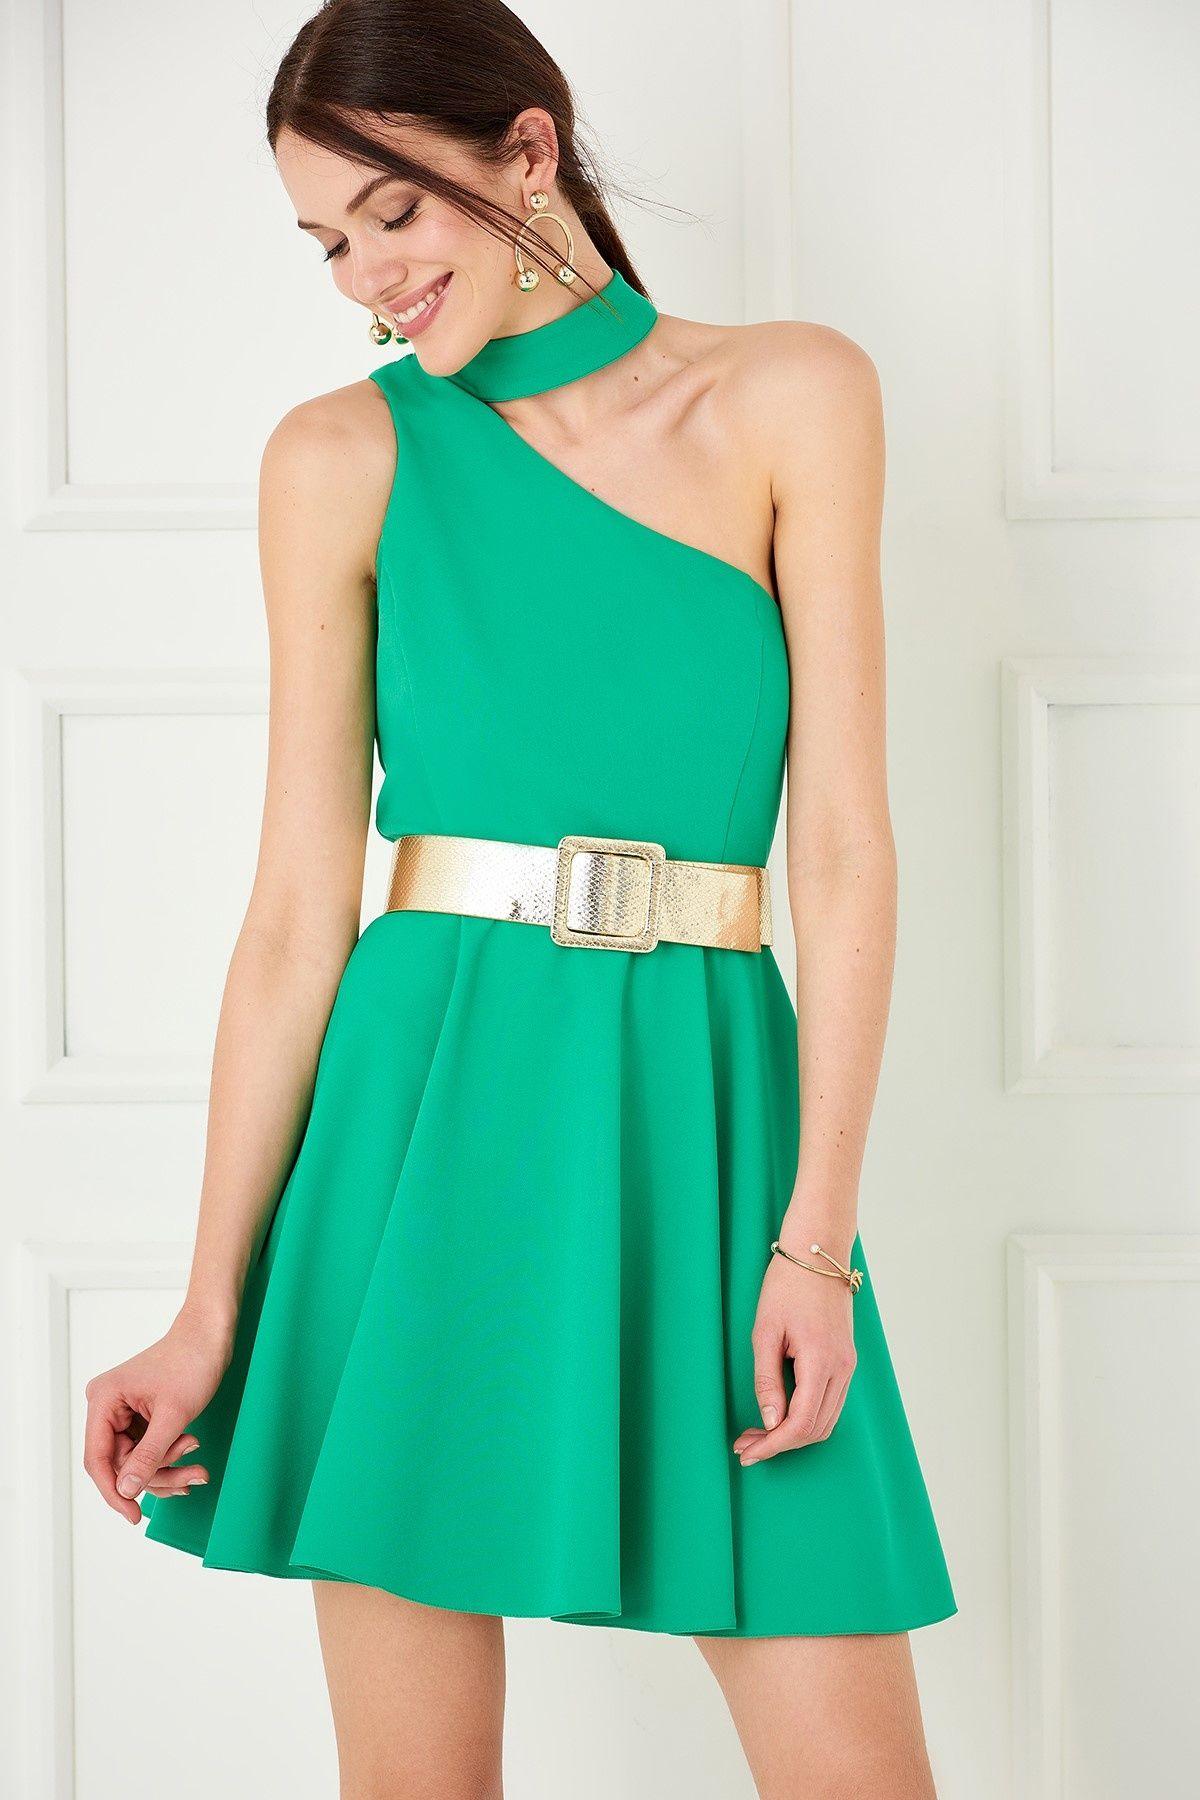 Yesil Tek Omuz Elbise Trendyolmilla Trendyol Moda Stilleri Mezuniyet Elbiseleri Elbise